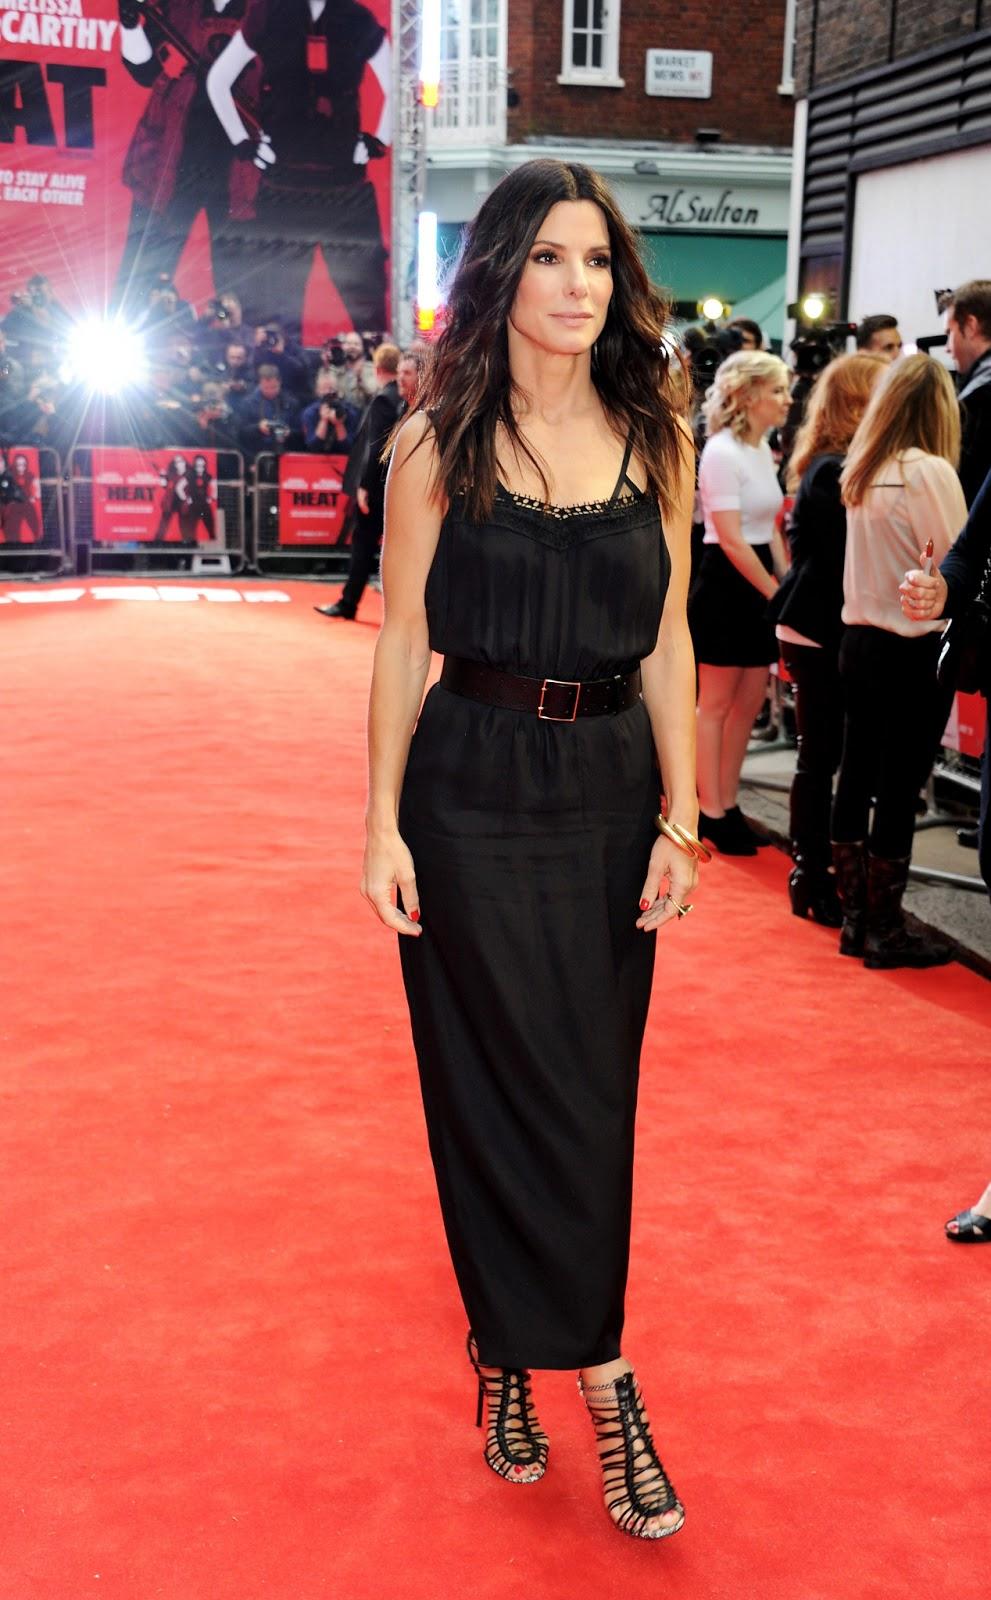 http://2.bp.blogspot.com/-7xlfJ52FbwM/Ubt6WPwoUhI/AAAAAAAAhYI/f5Lcwwy2uDc/s1600/Sandra+Bullock+-+The+Heat+movie+Premiere+in+London-June+13,+2013-08.jpg